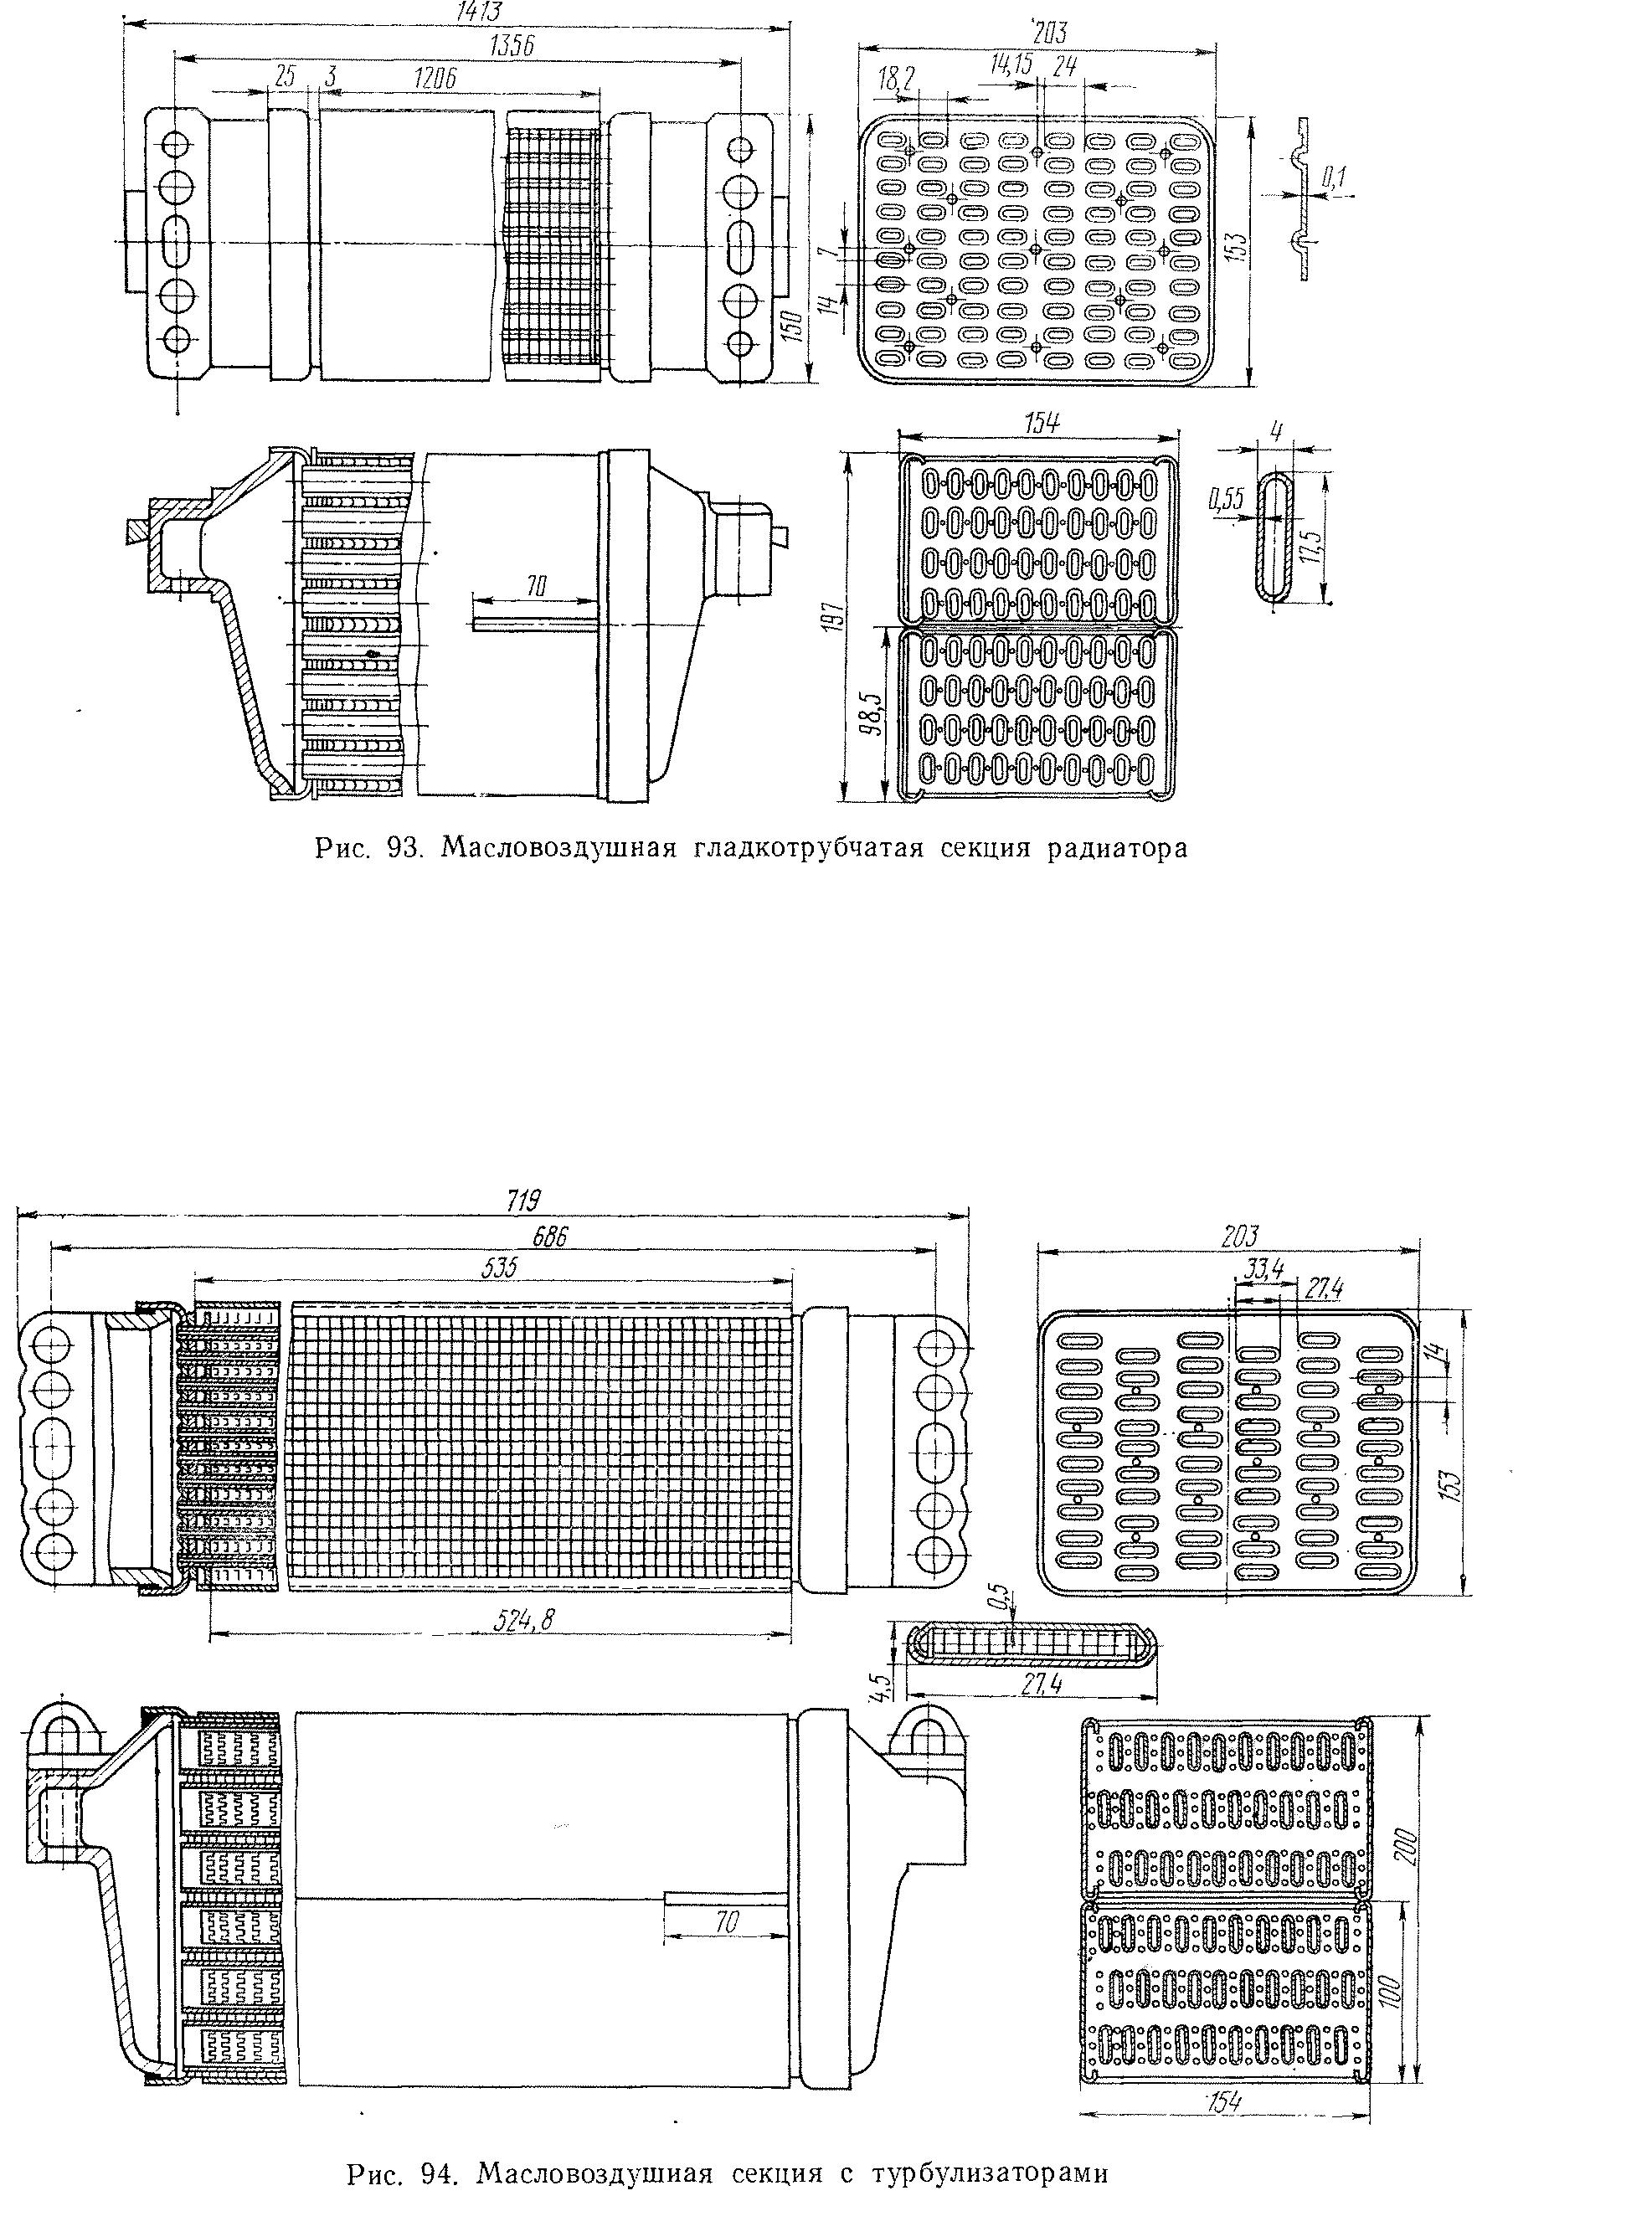 Секции радиатора тепловоза на металлолом